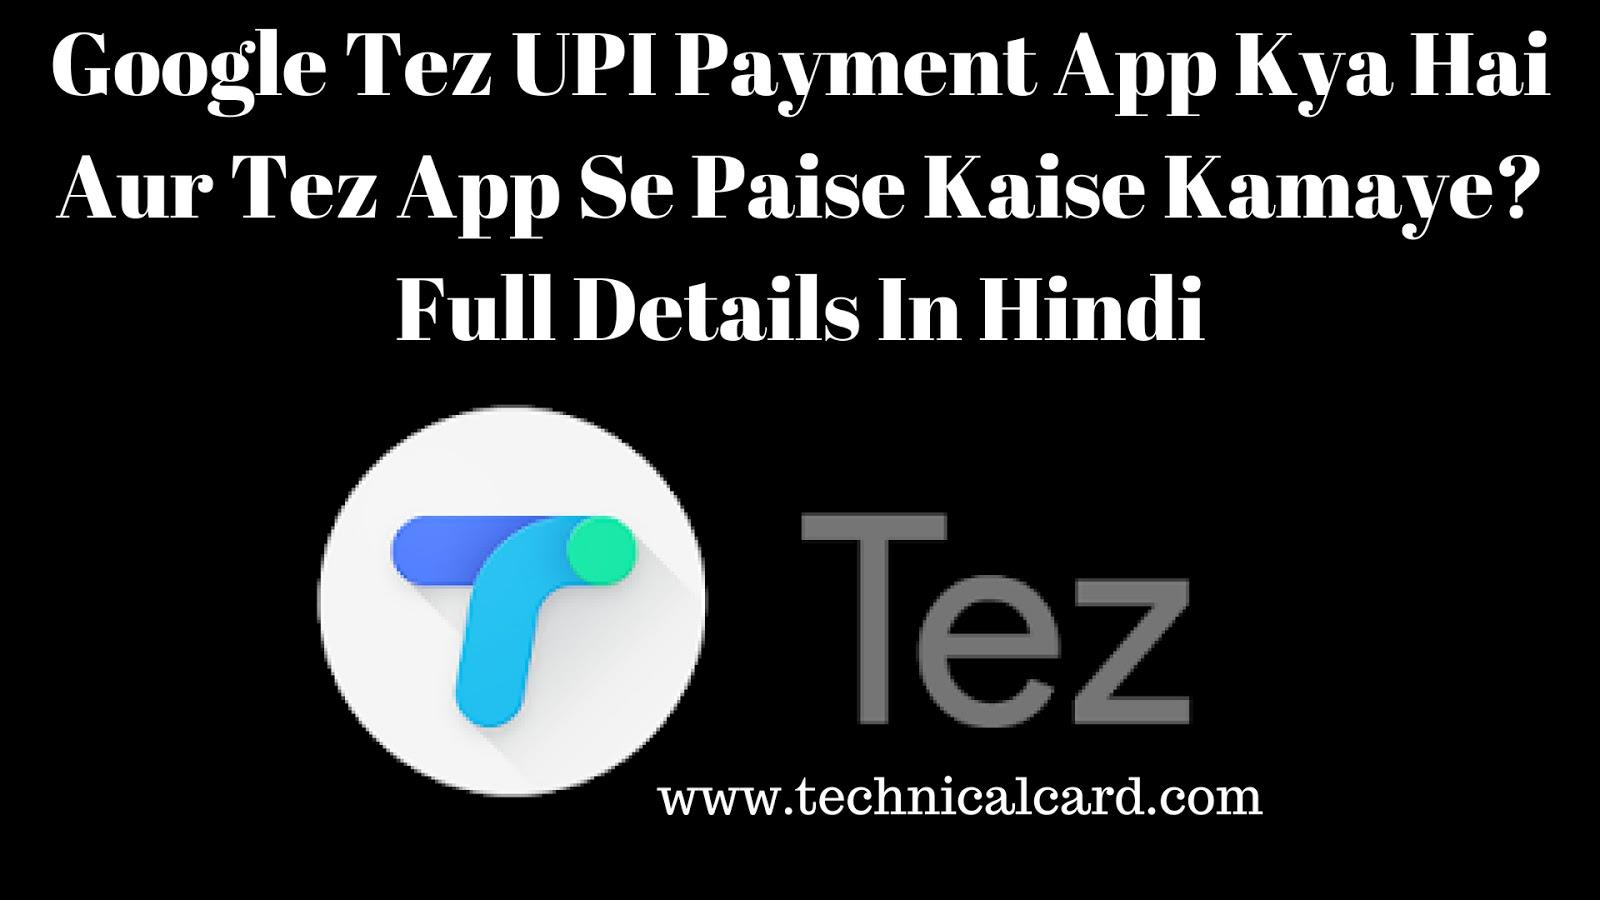 Google Tez UPI Payment App Kya Hai Aur Tez App Se Paise Kaise Kamaye? Full Details In Hindi,Google tez app kya hai aur paise kaise kamaye,Google tez payment app kya hai